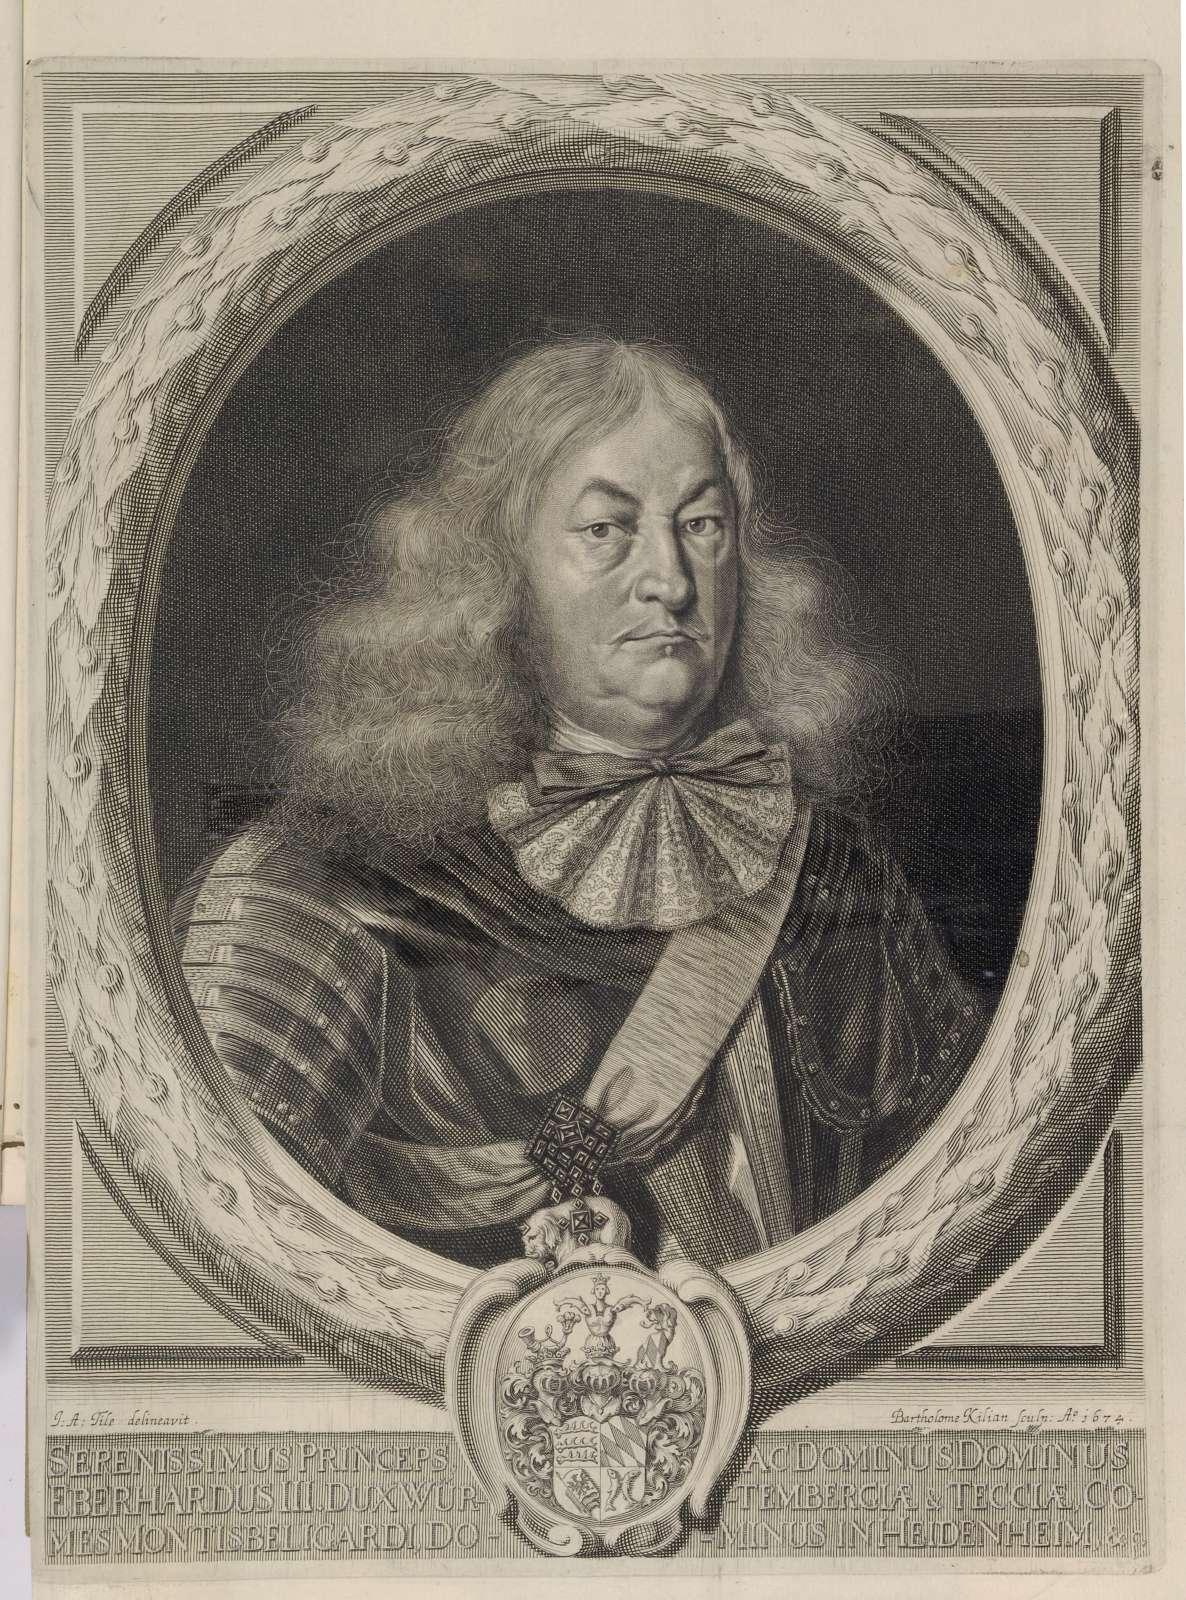 Leichenpredigten über Herzog Eberhard III. von Württemberg (geb. 16. Dez. 1614, gest. 2. Juli 1674), Bild 1